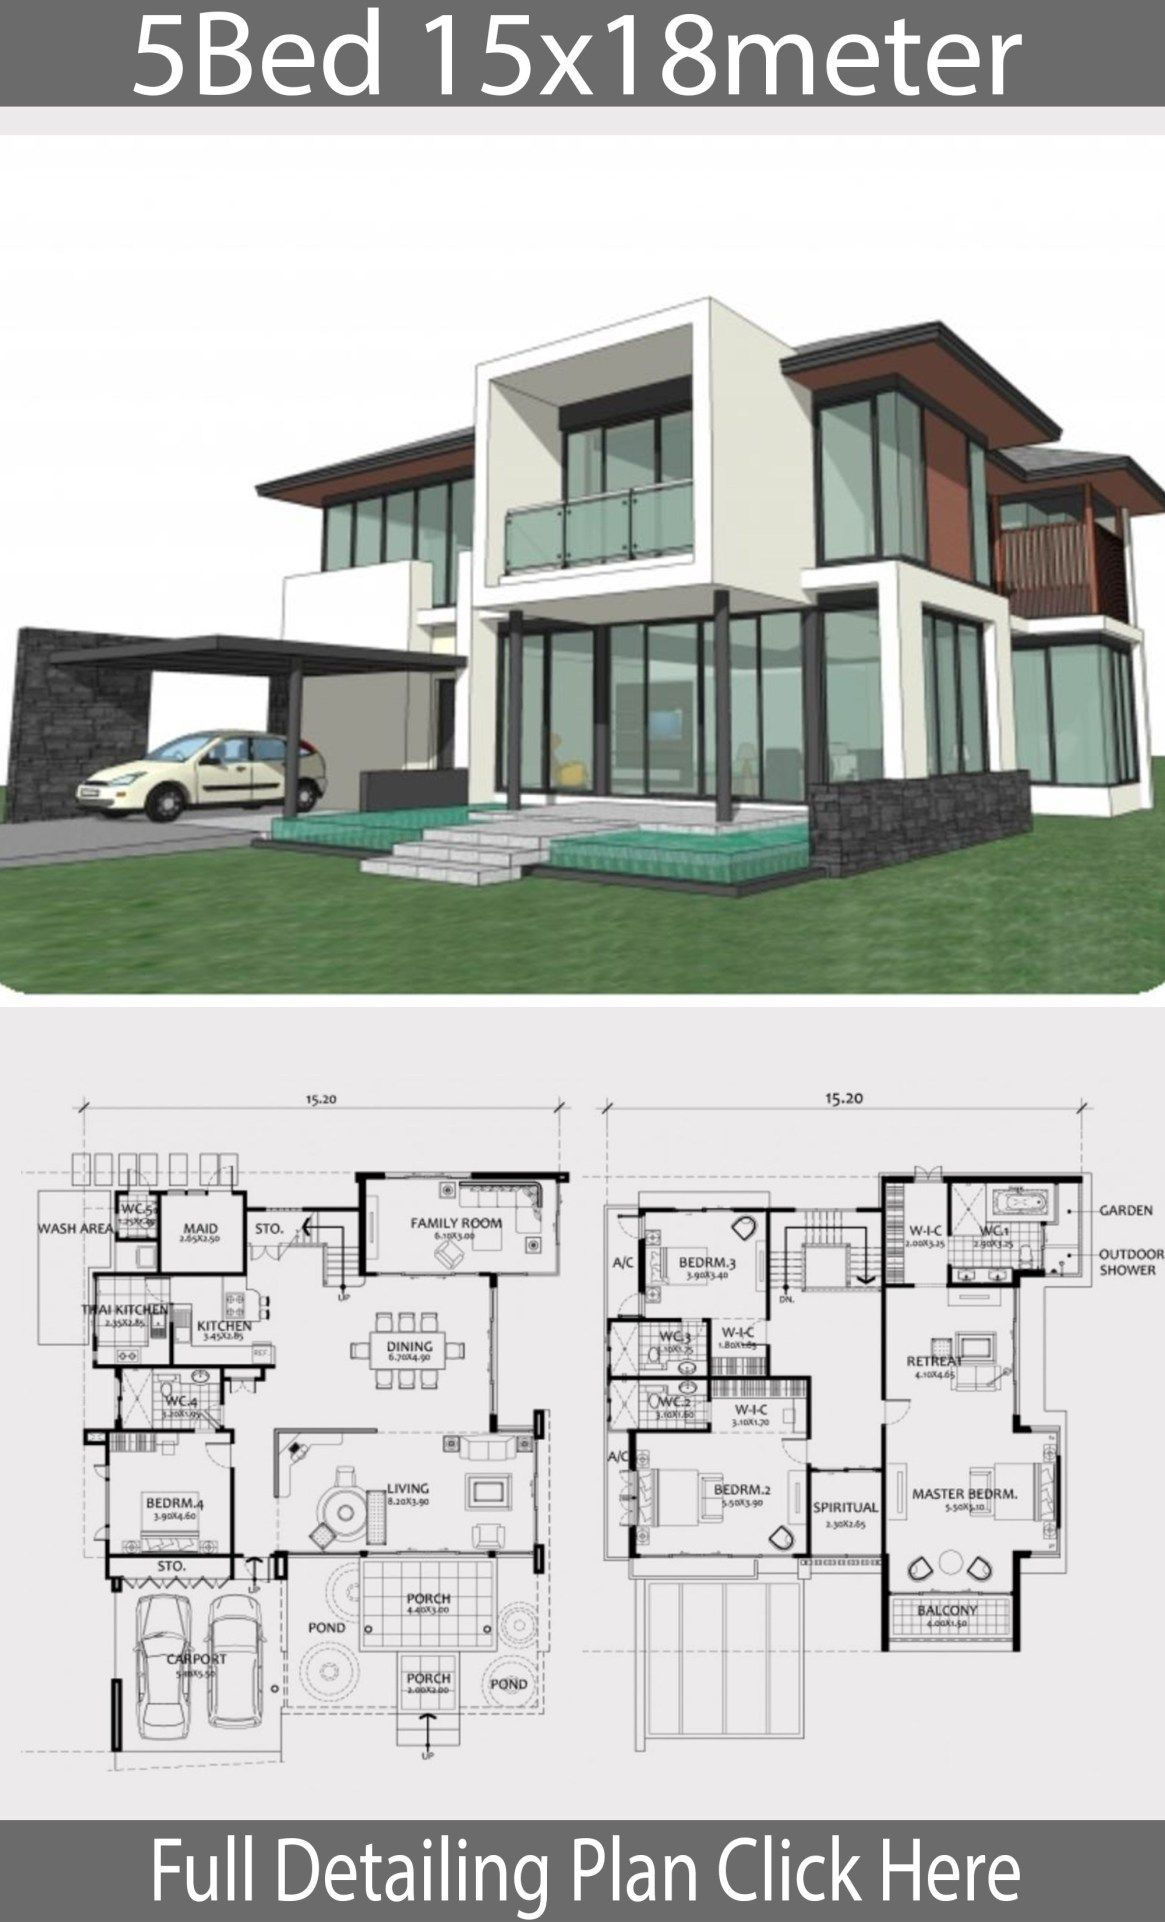 Big House Floor Plans 2021 Denah Lantai Rumah Desain Rumah Kontemporer Desain Eksterior Rumah